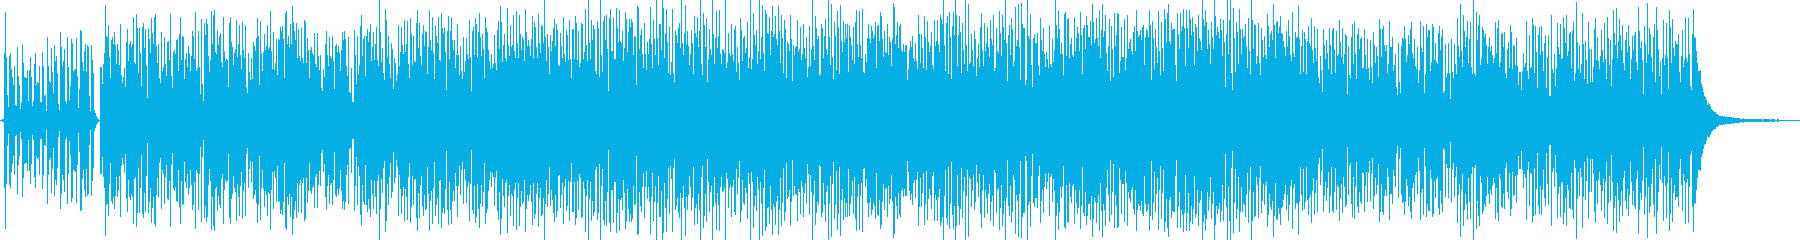 レトロなジプシージャズの再生済みの波形